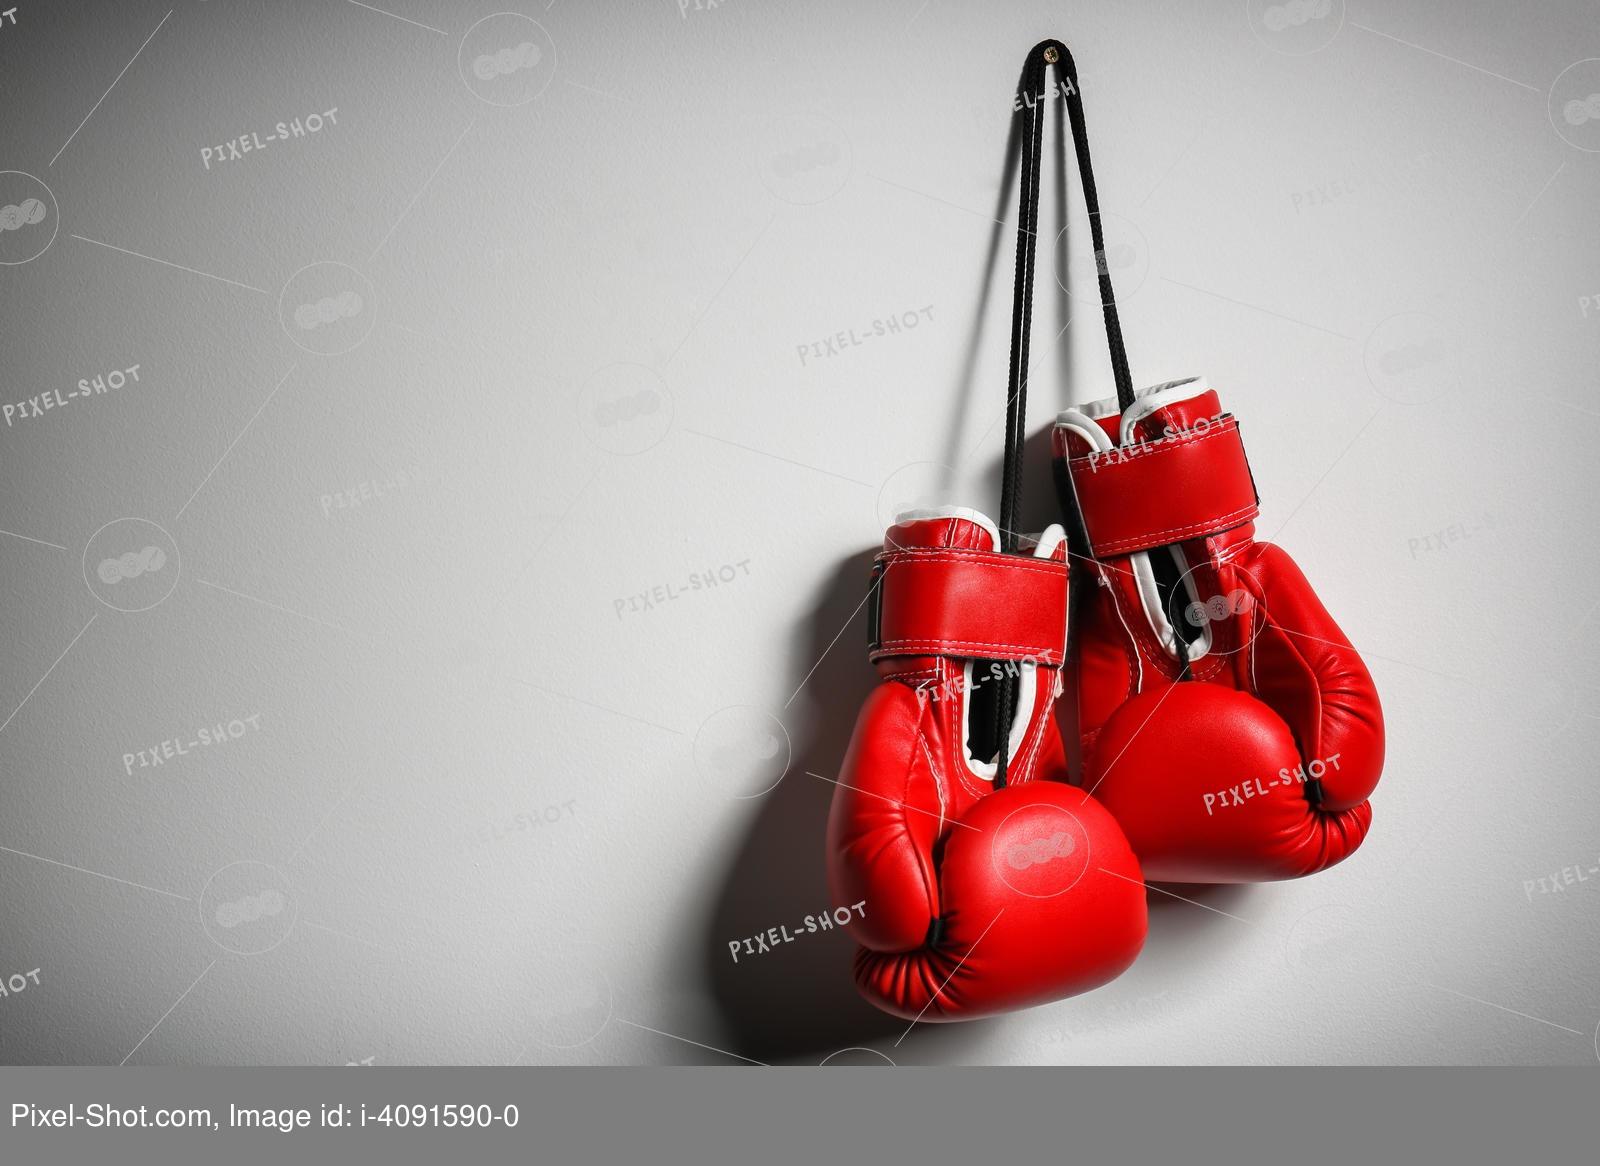 Чем отличаются снарядные перчатки от боксерских? различия во внешнем виде, размере, наполнителях, весе. особенности каждого вида.